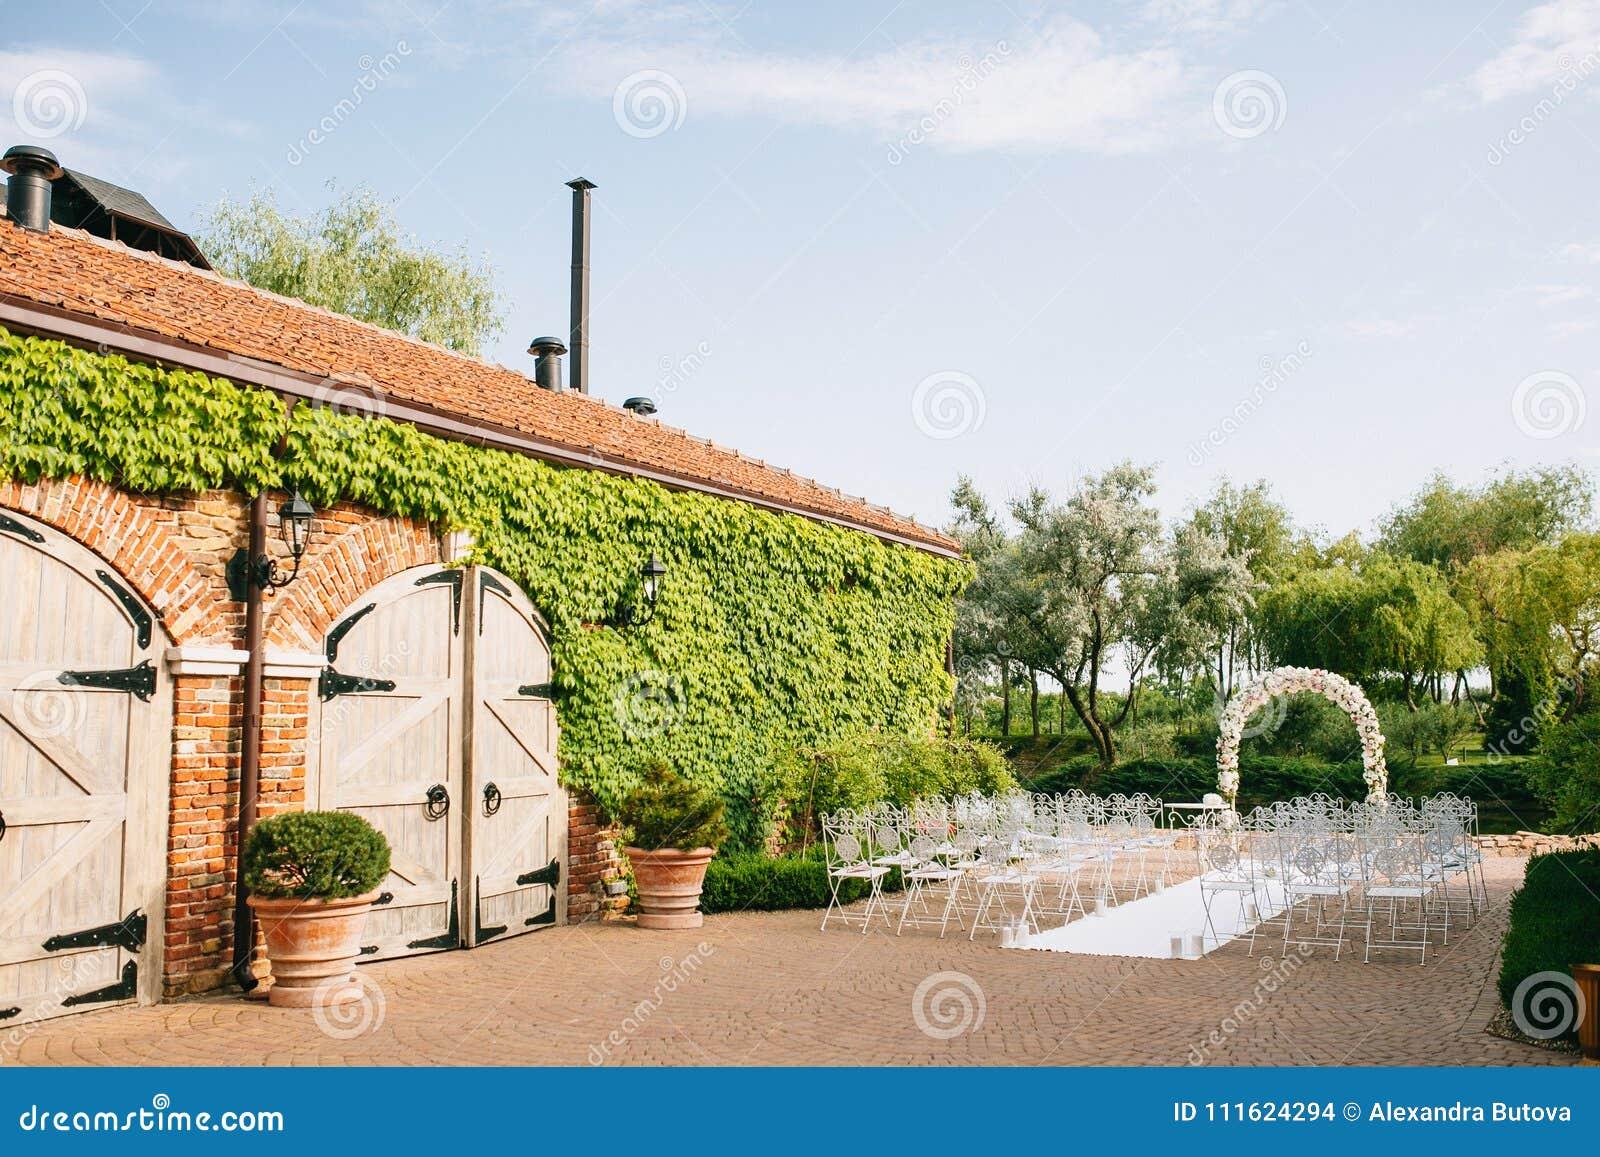 Der Hochzeitsbogen wird mit Blumen durch Rosen nahe bei dem alten Scheunengebäude verziert Mit Weinlesestühlen auf einem Teich